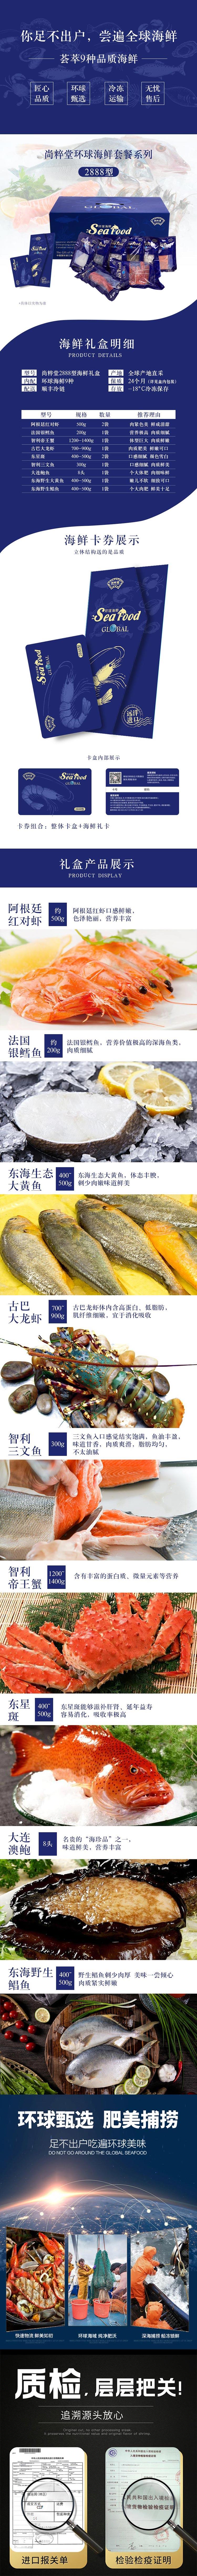 海鲜礼盒2888型(750).jpg